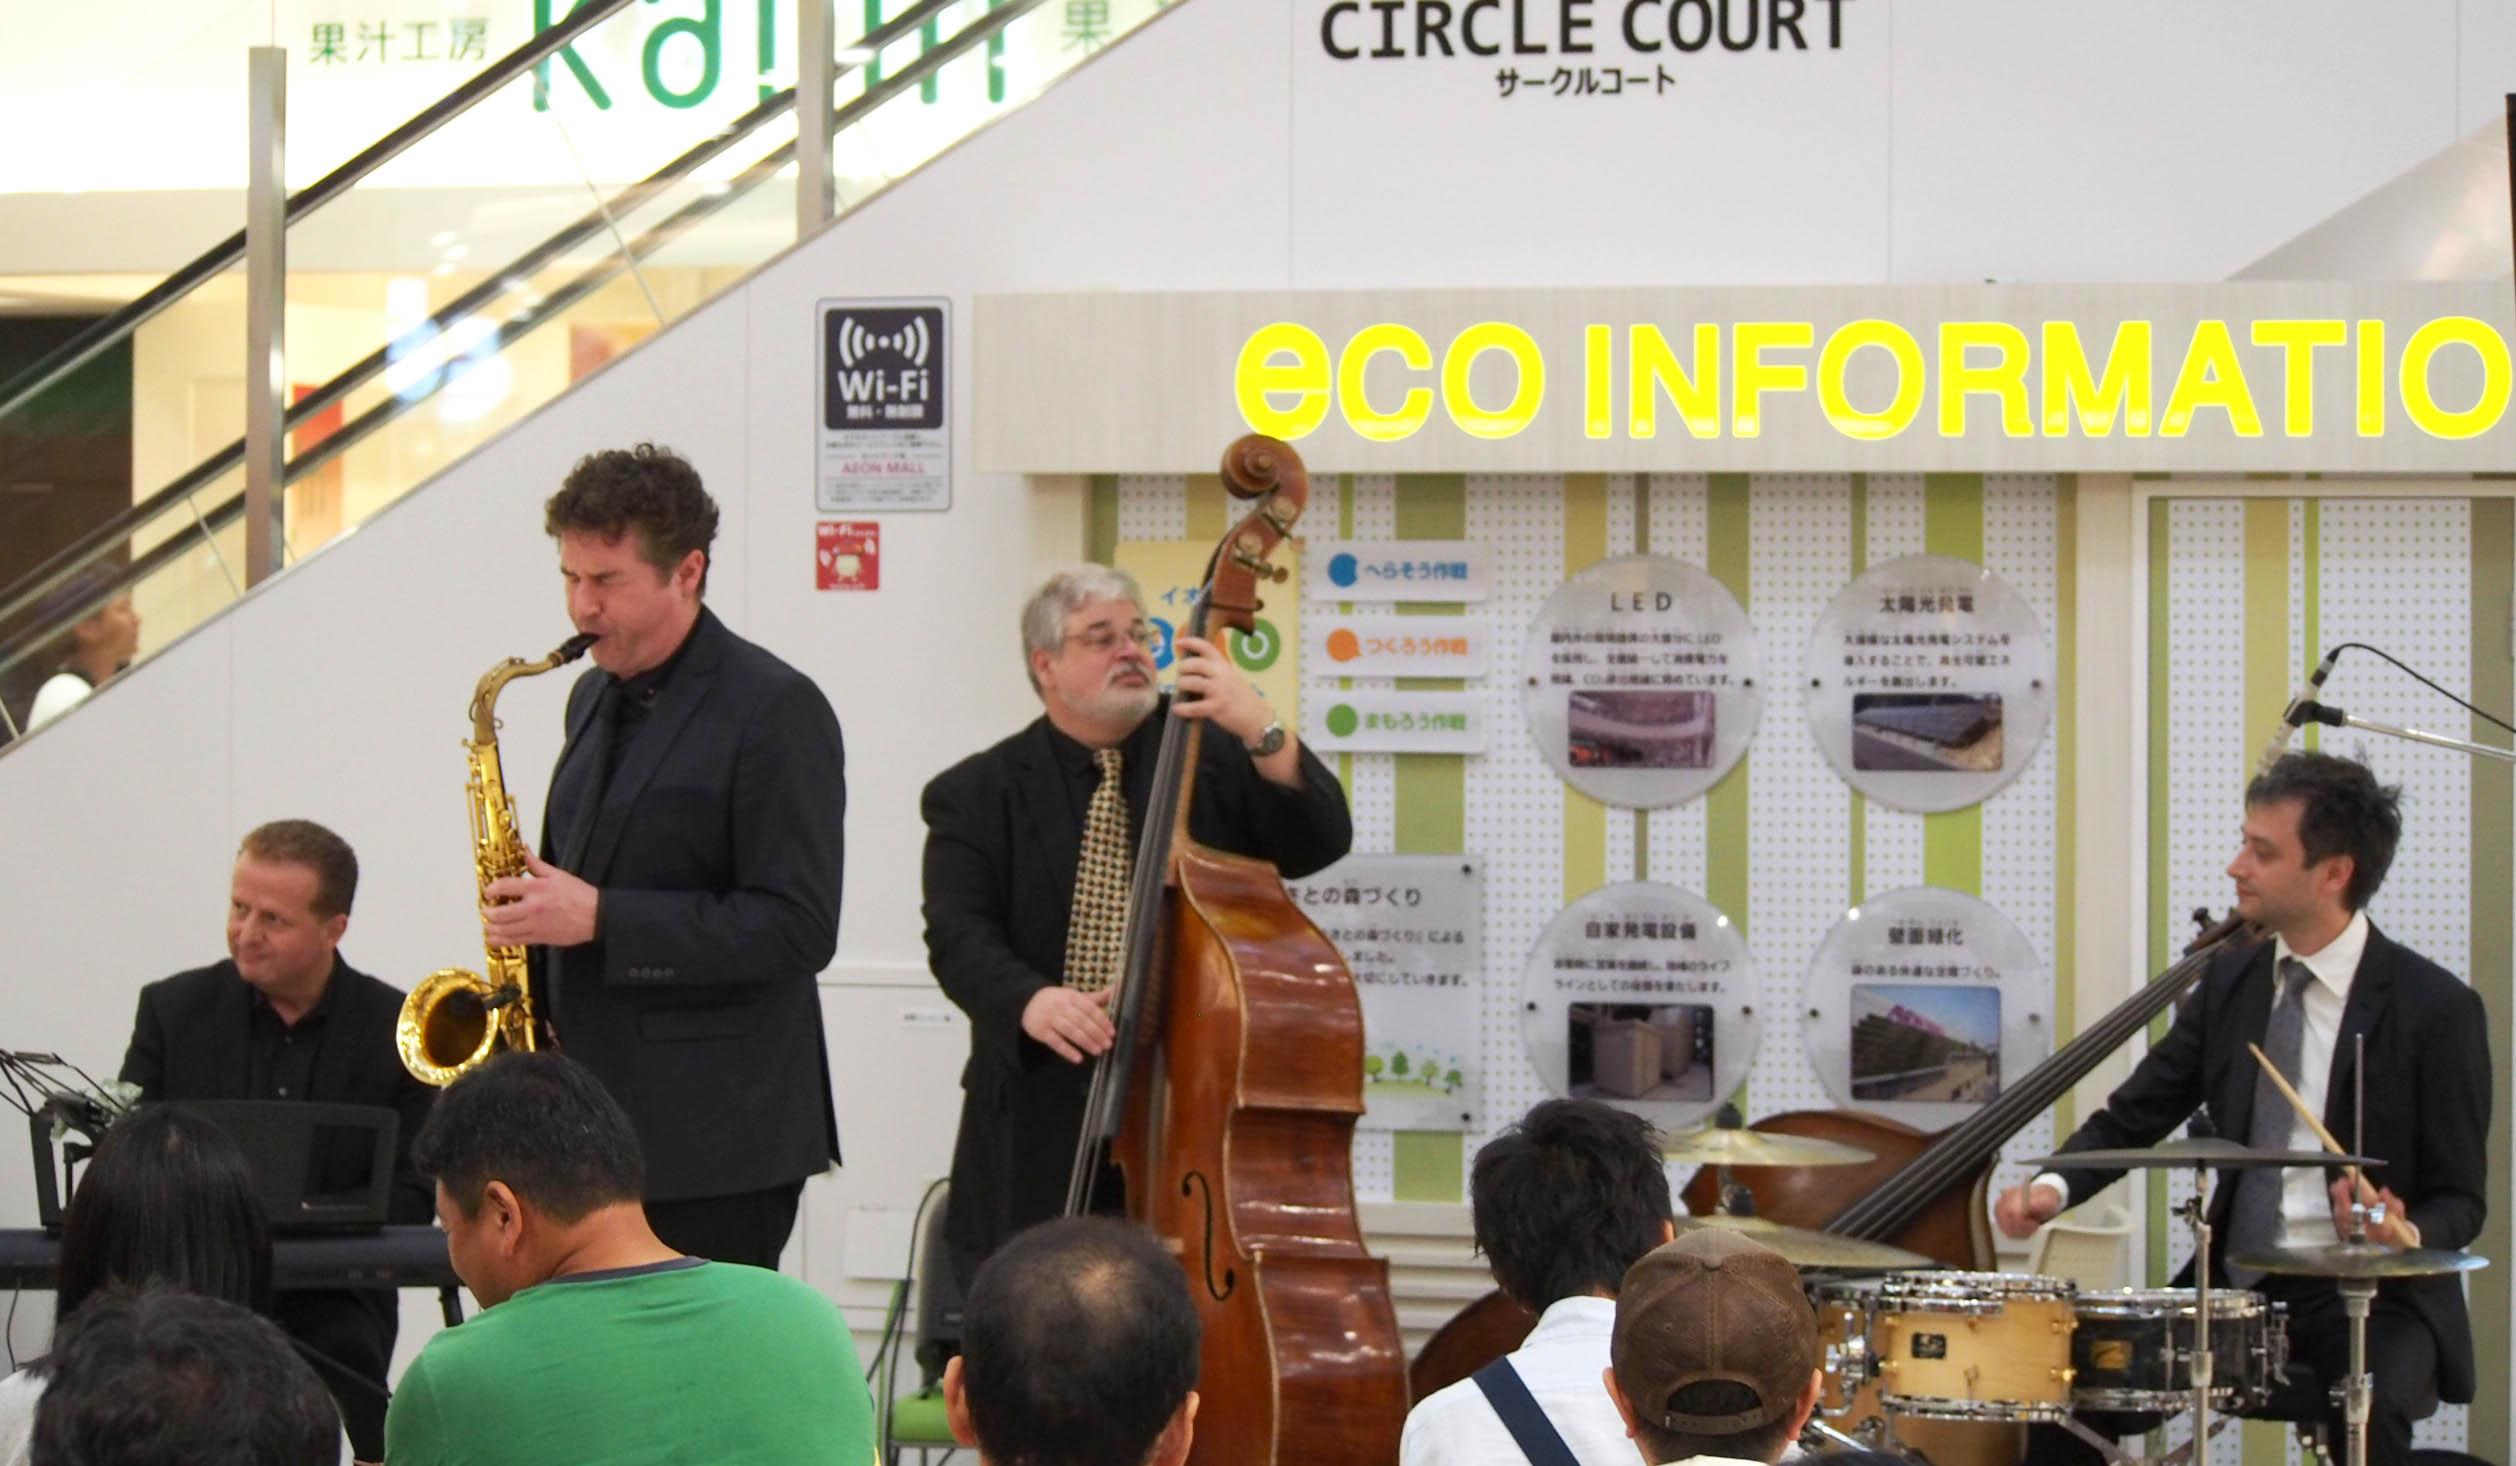 外国人シンガー・ミュージシャン アカデミア Jazz band の写真5